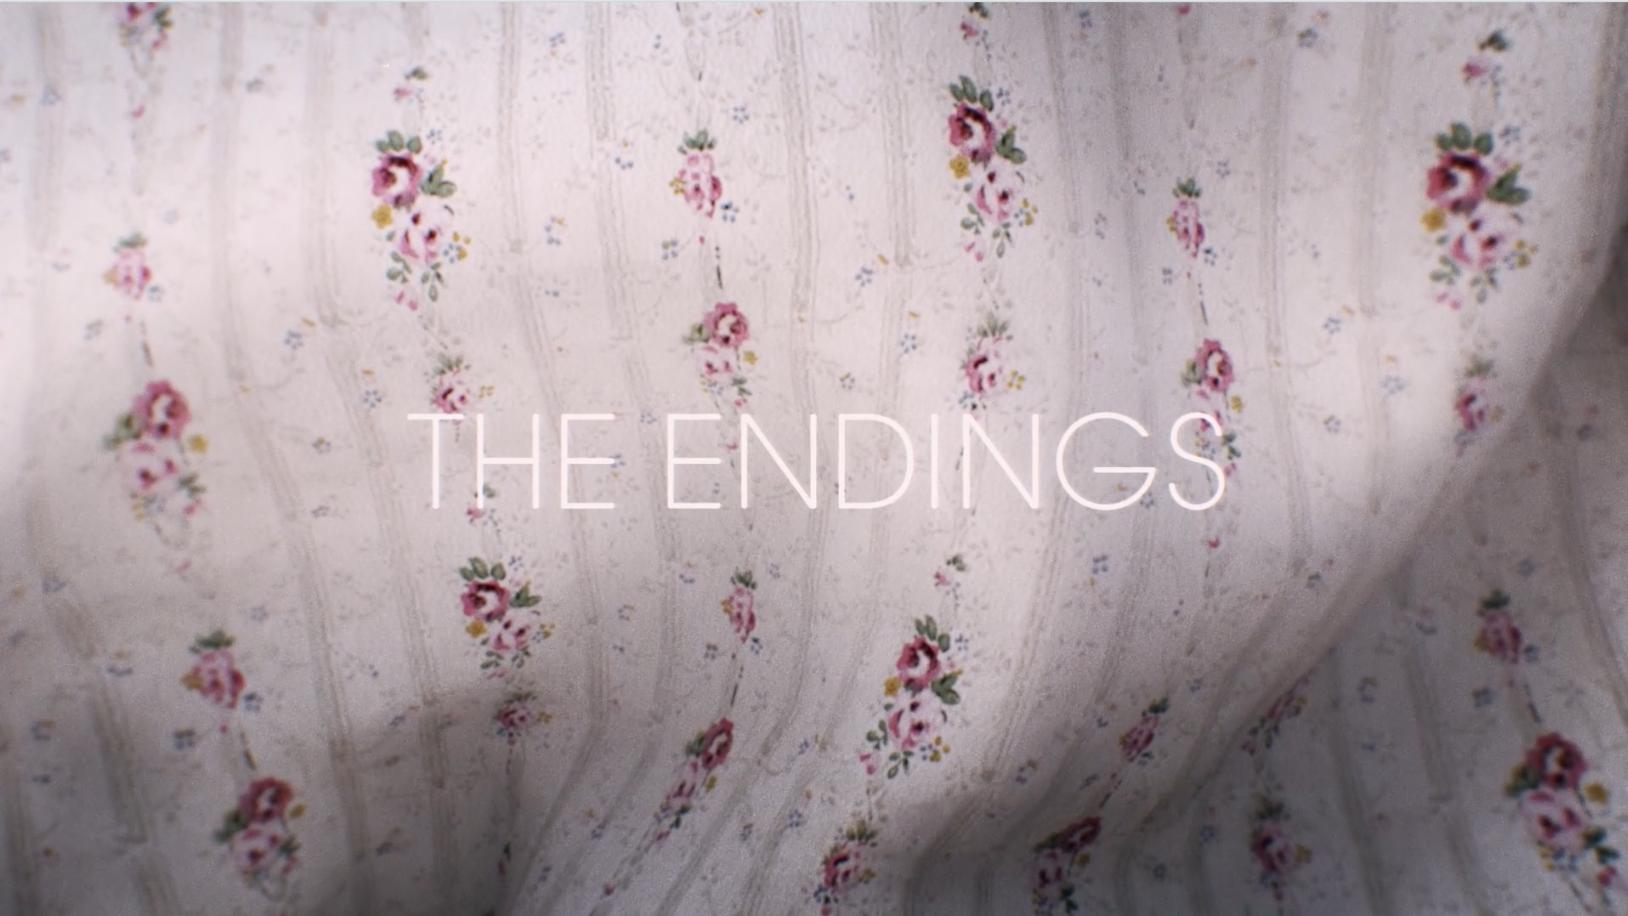 Endings1.jpg